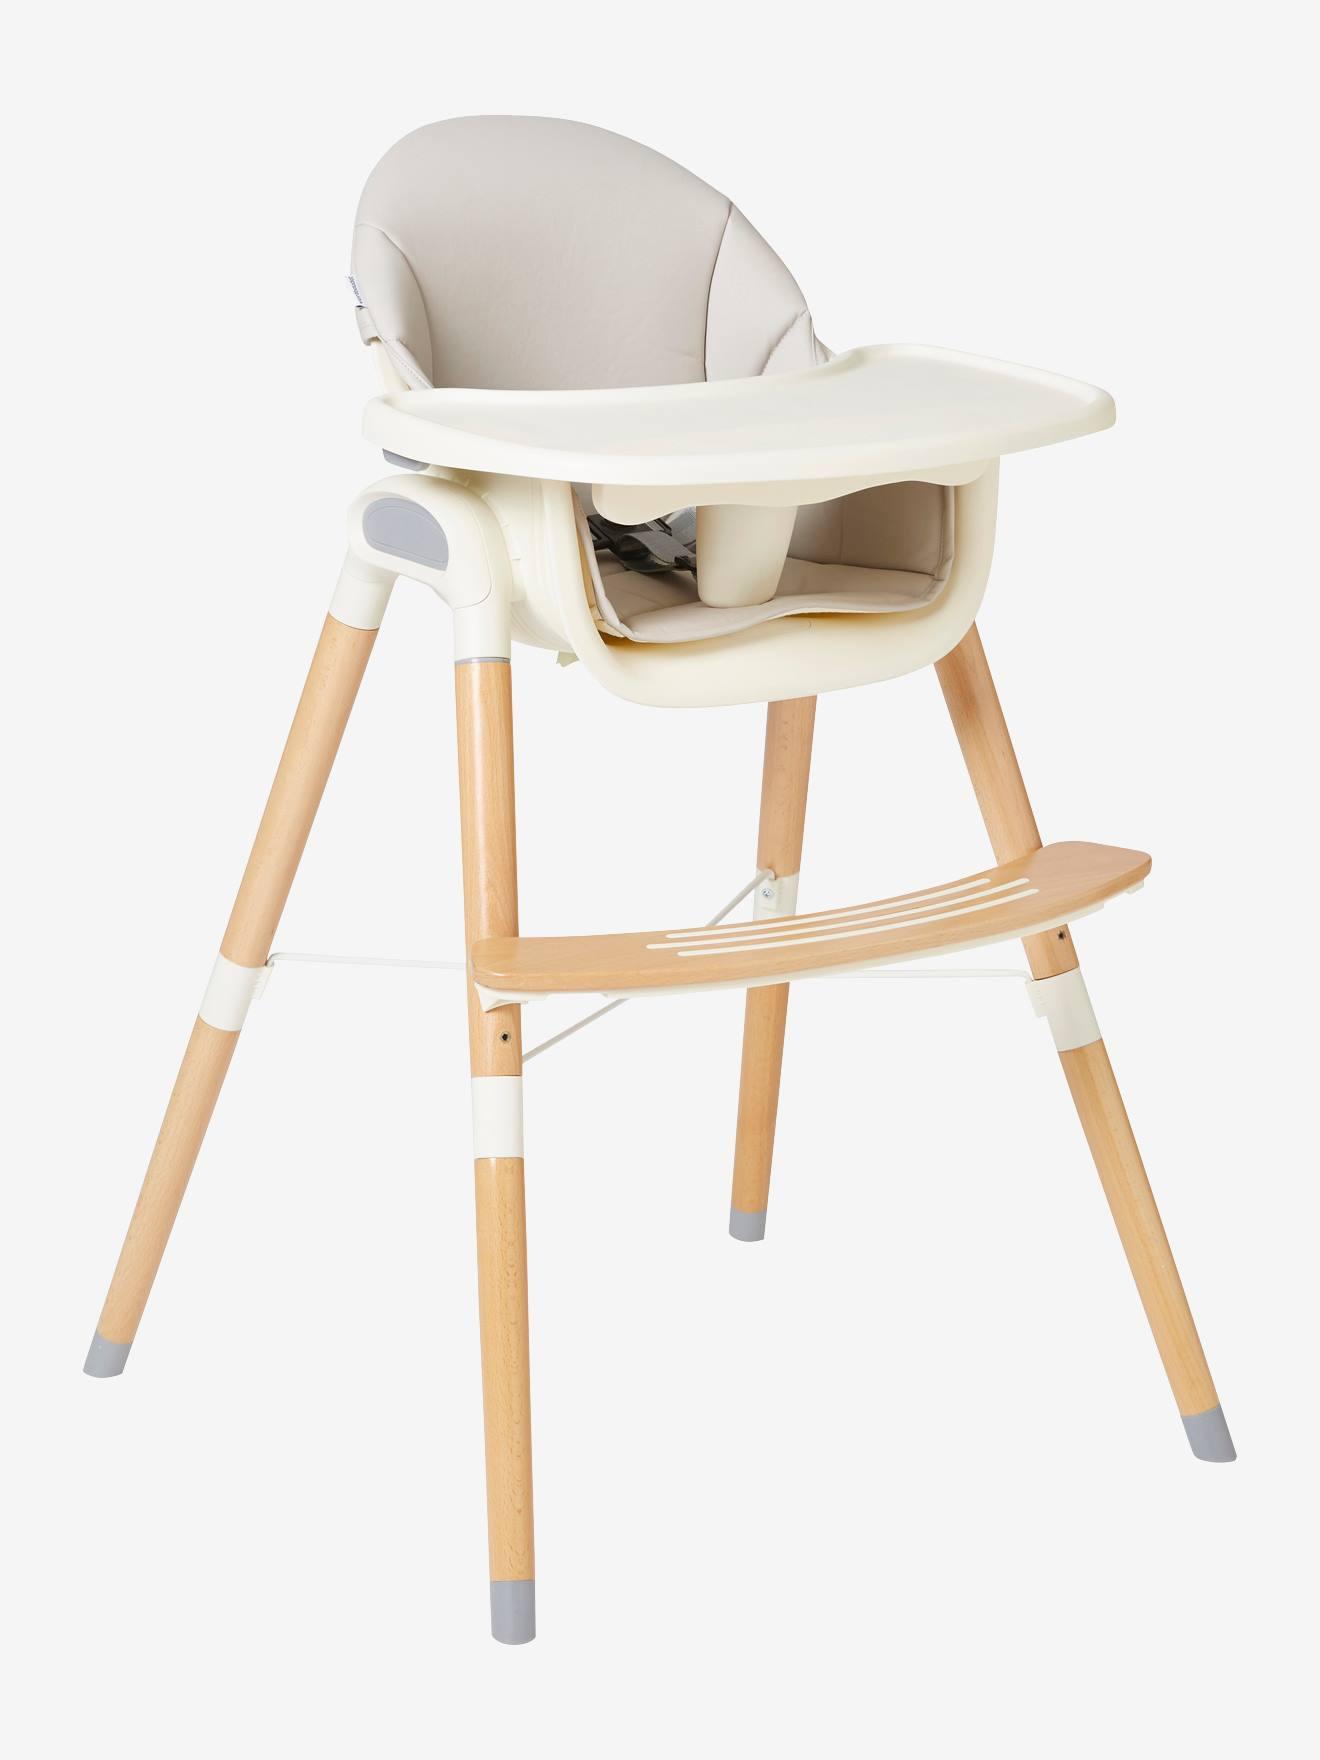 acheter chaise haute bebe en bois